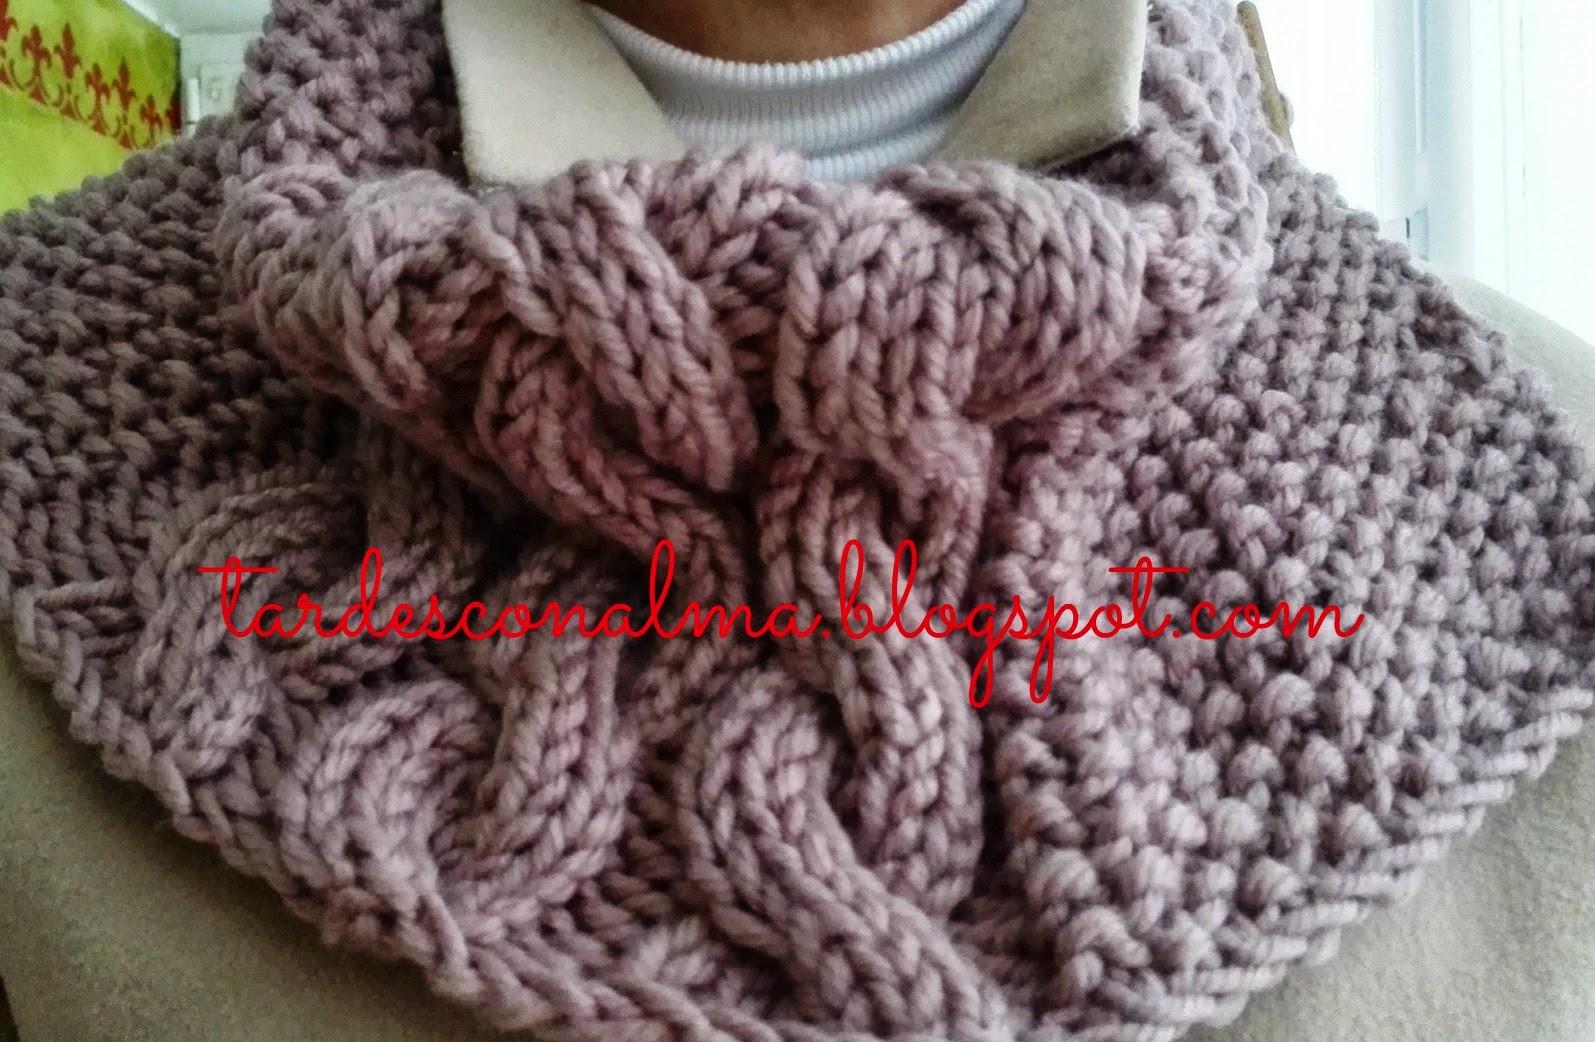 Tardes con alma bufanda o cuello modelo octo - Puntos de lana ...